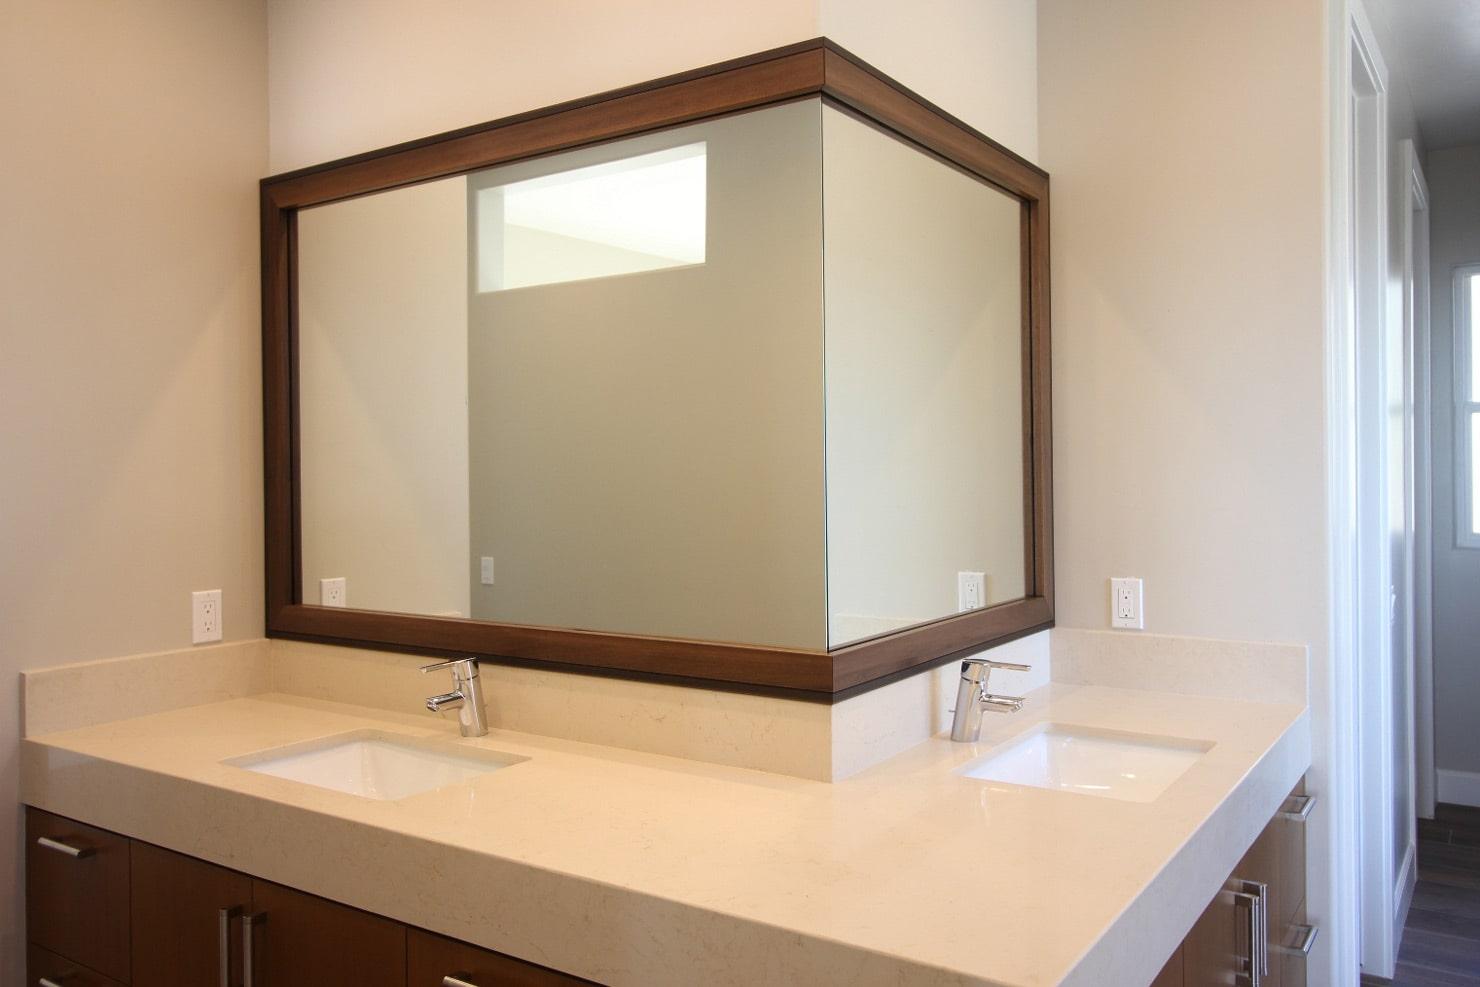 fabrication et installation de miroirs sur mesure